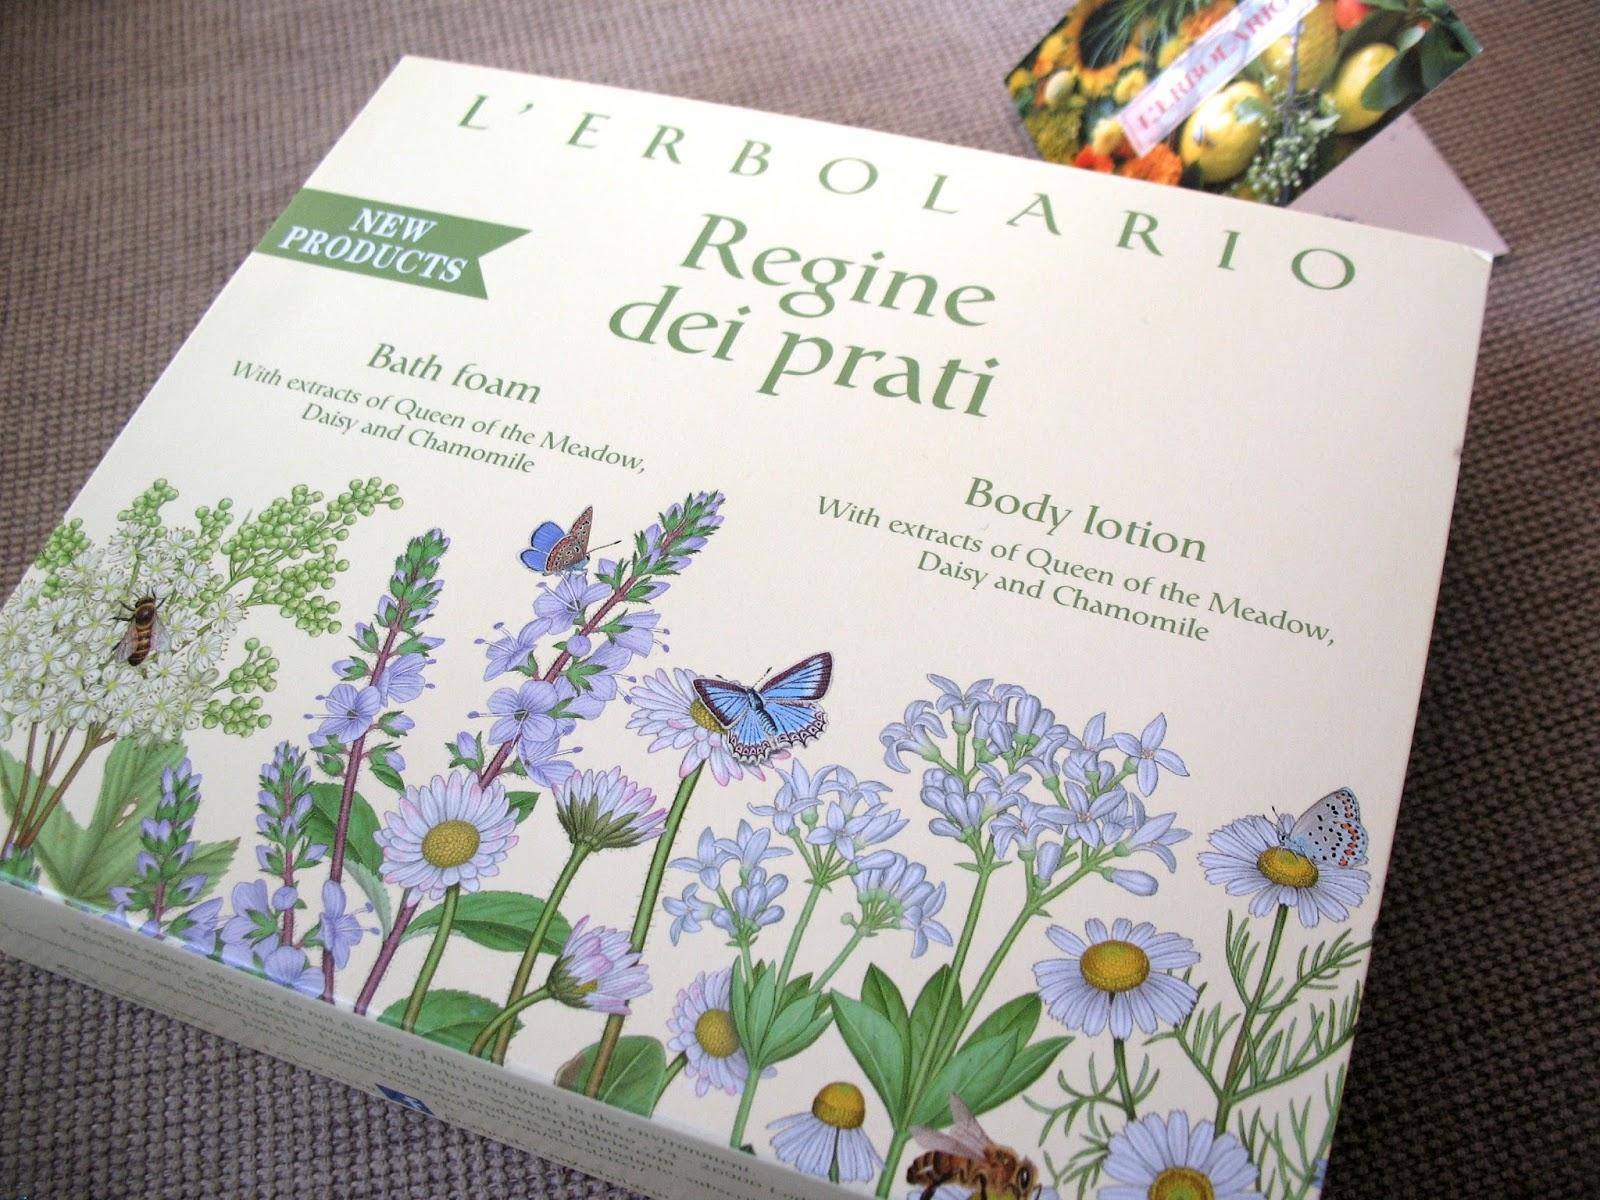 L'Erbolario_Regine_dei_Prati_01